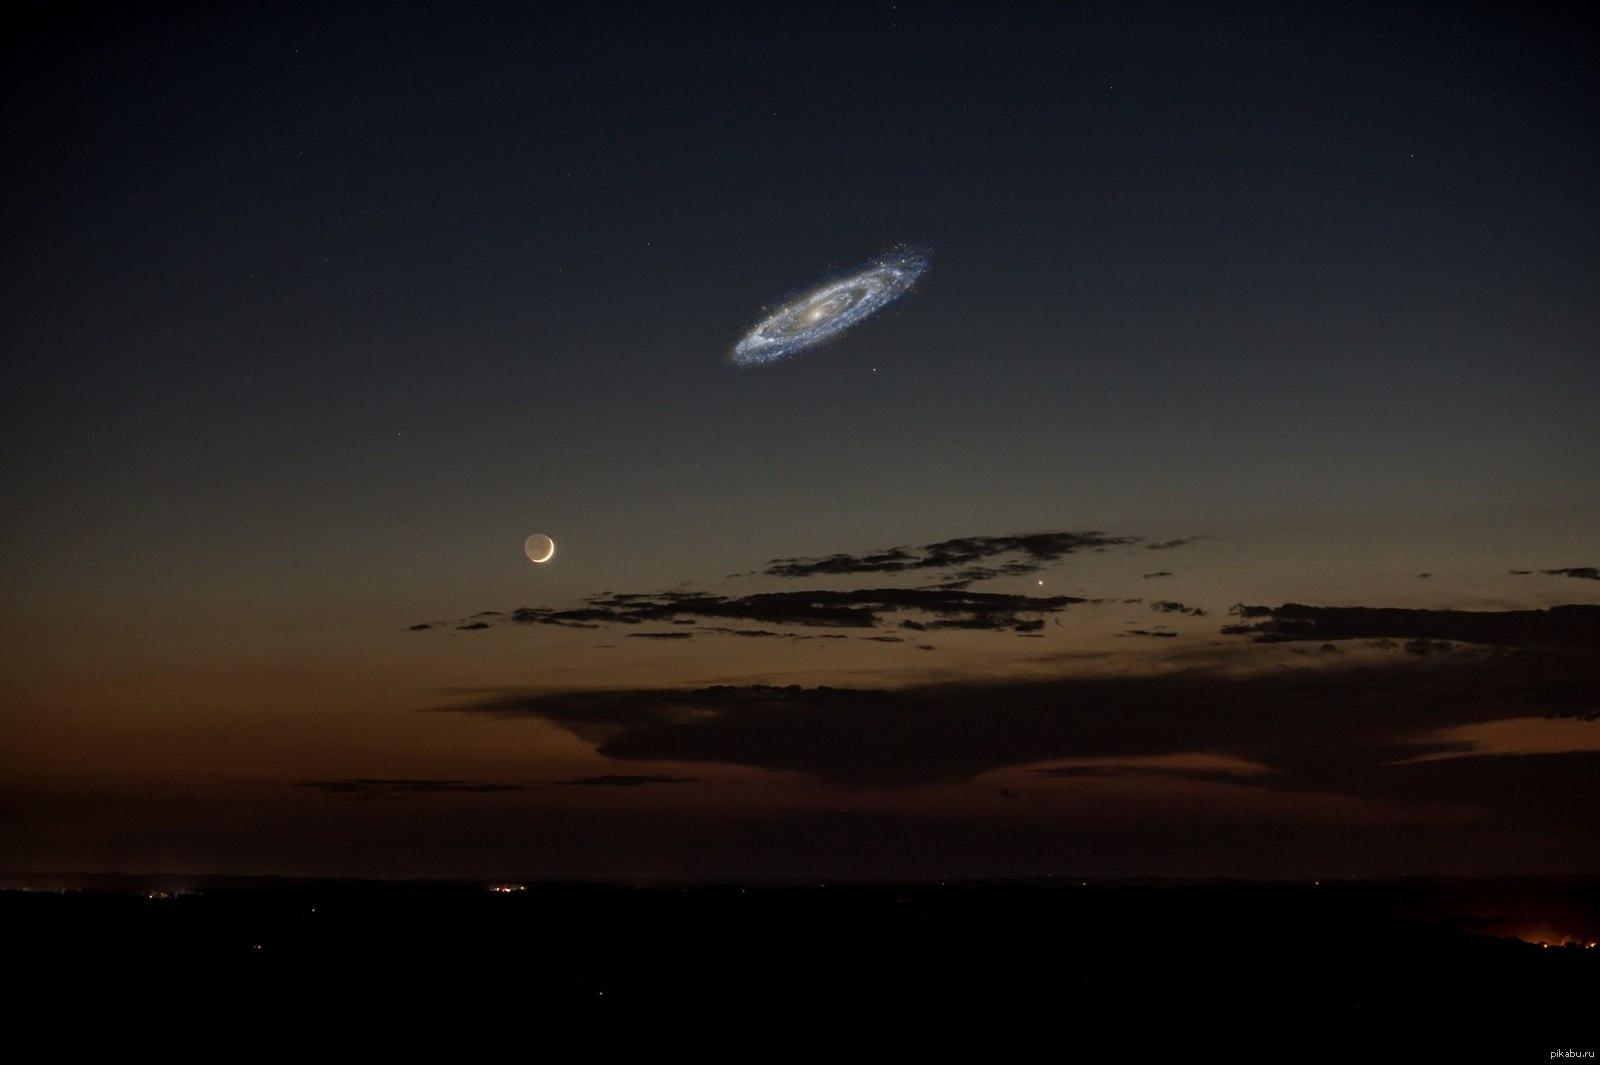 Звёздное небо и космос в картинках - Страница 3 1388681232_1069320983